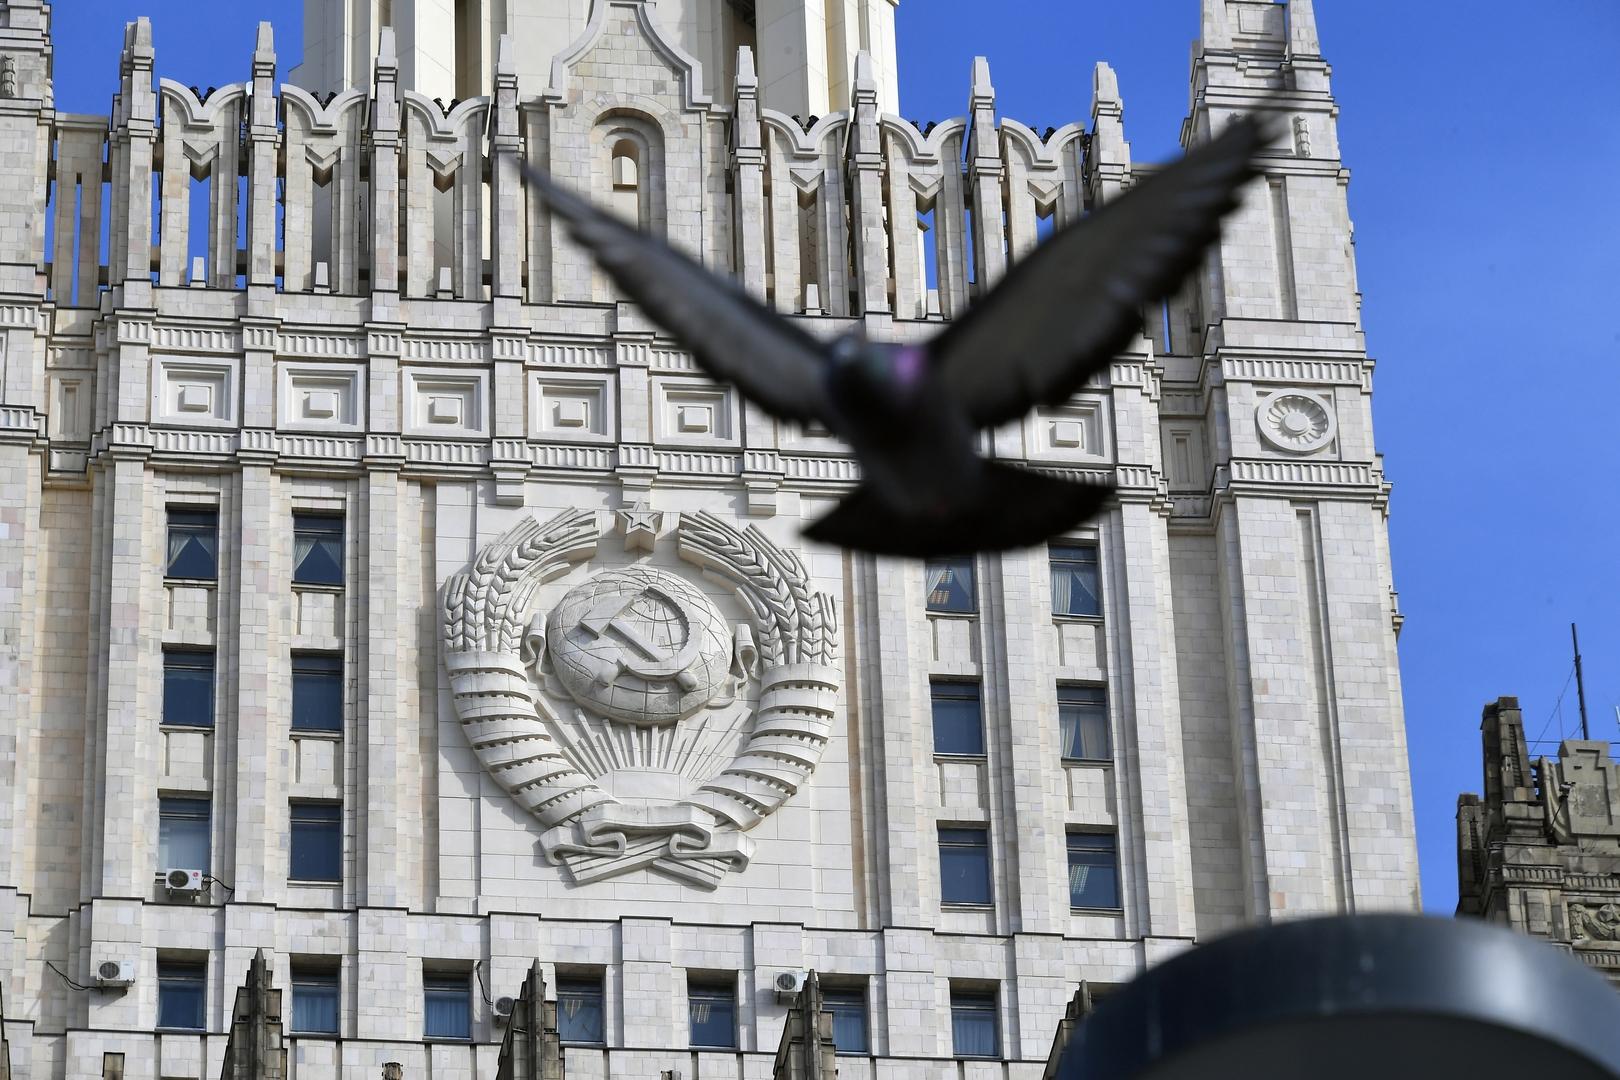 قبل لقاء لافروف-لابيد.. موسكو تشدد على وجوب احترام سيادة سوريا وتطبيق حل الدولتين